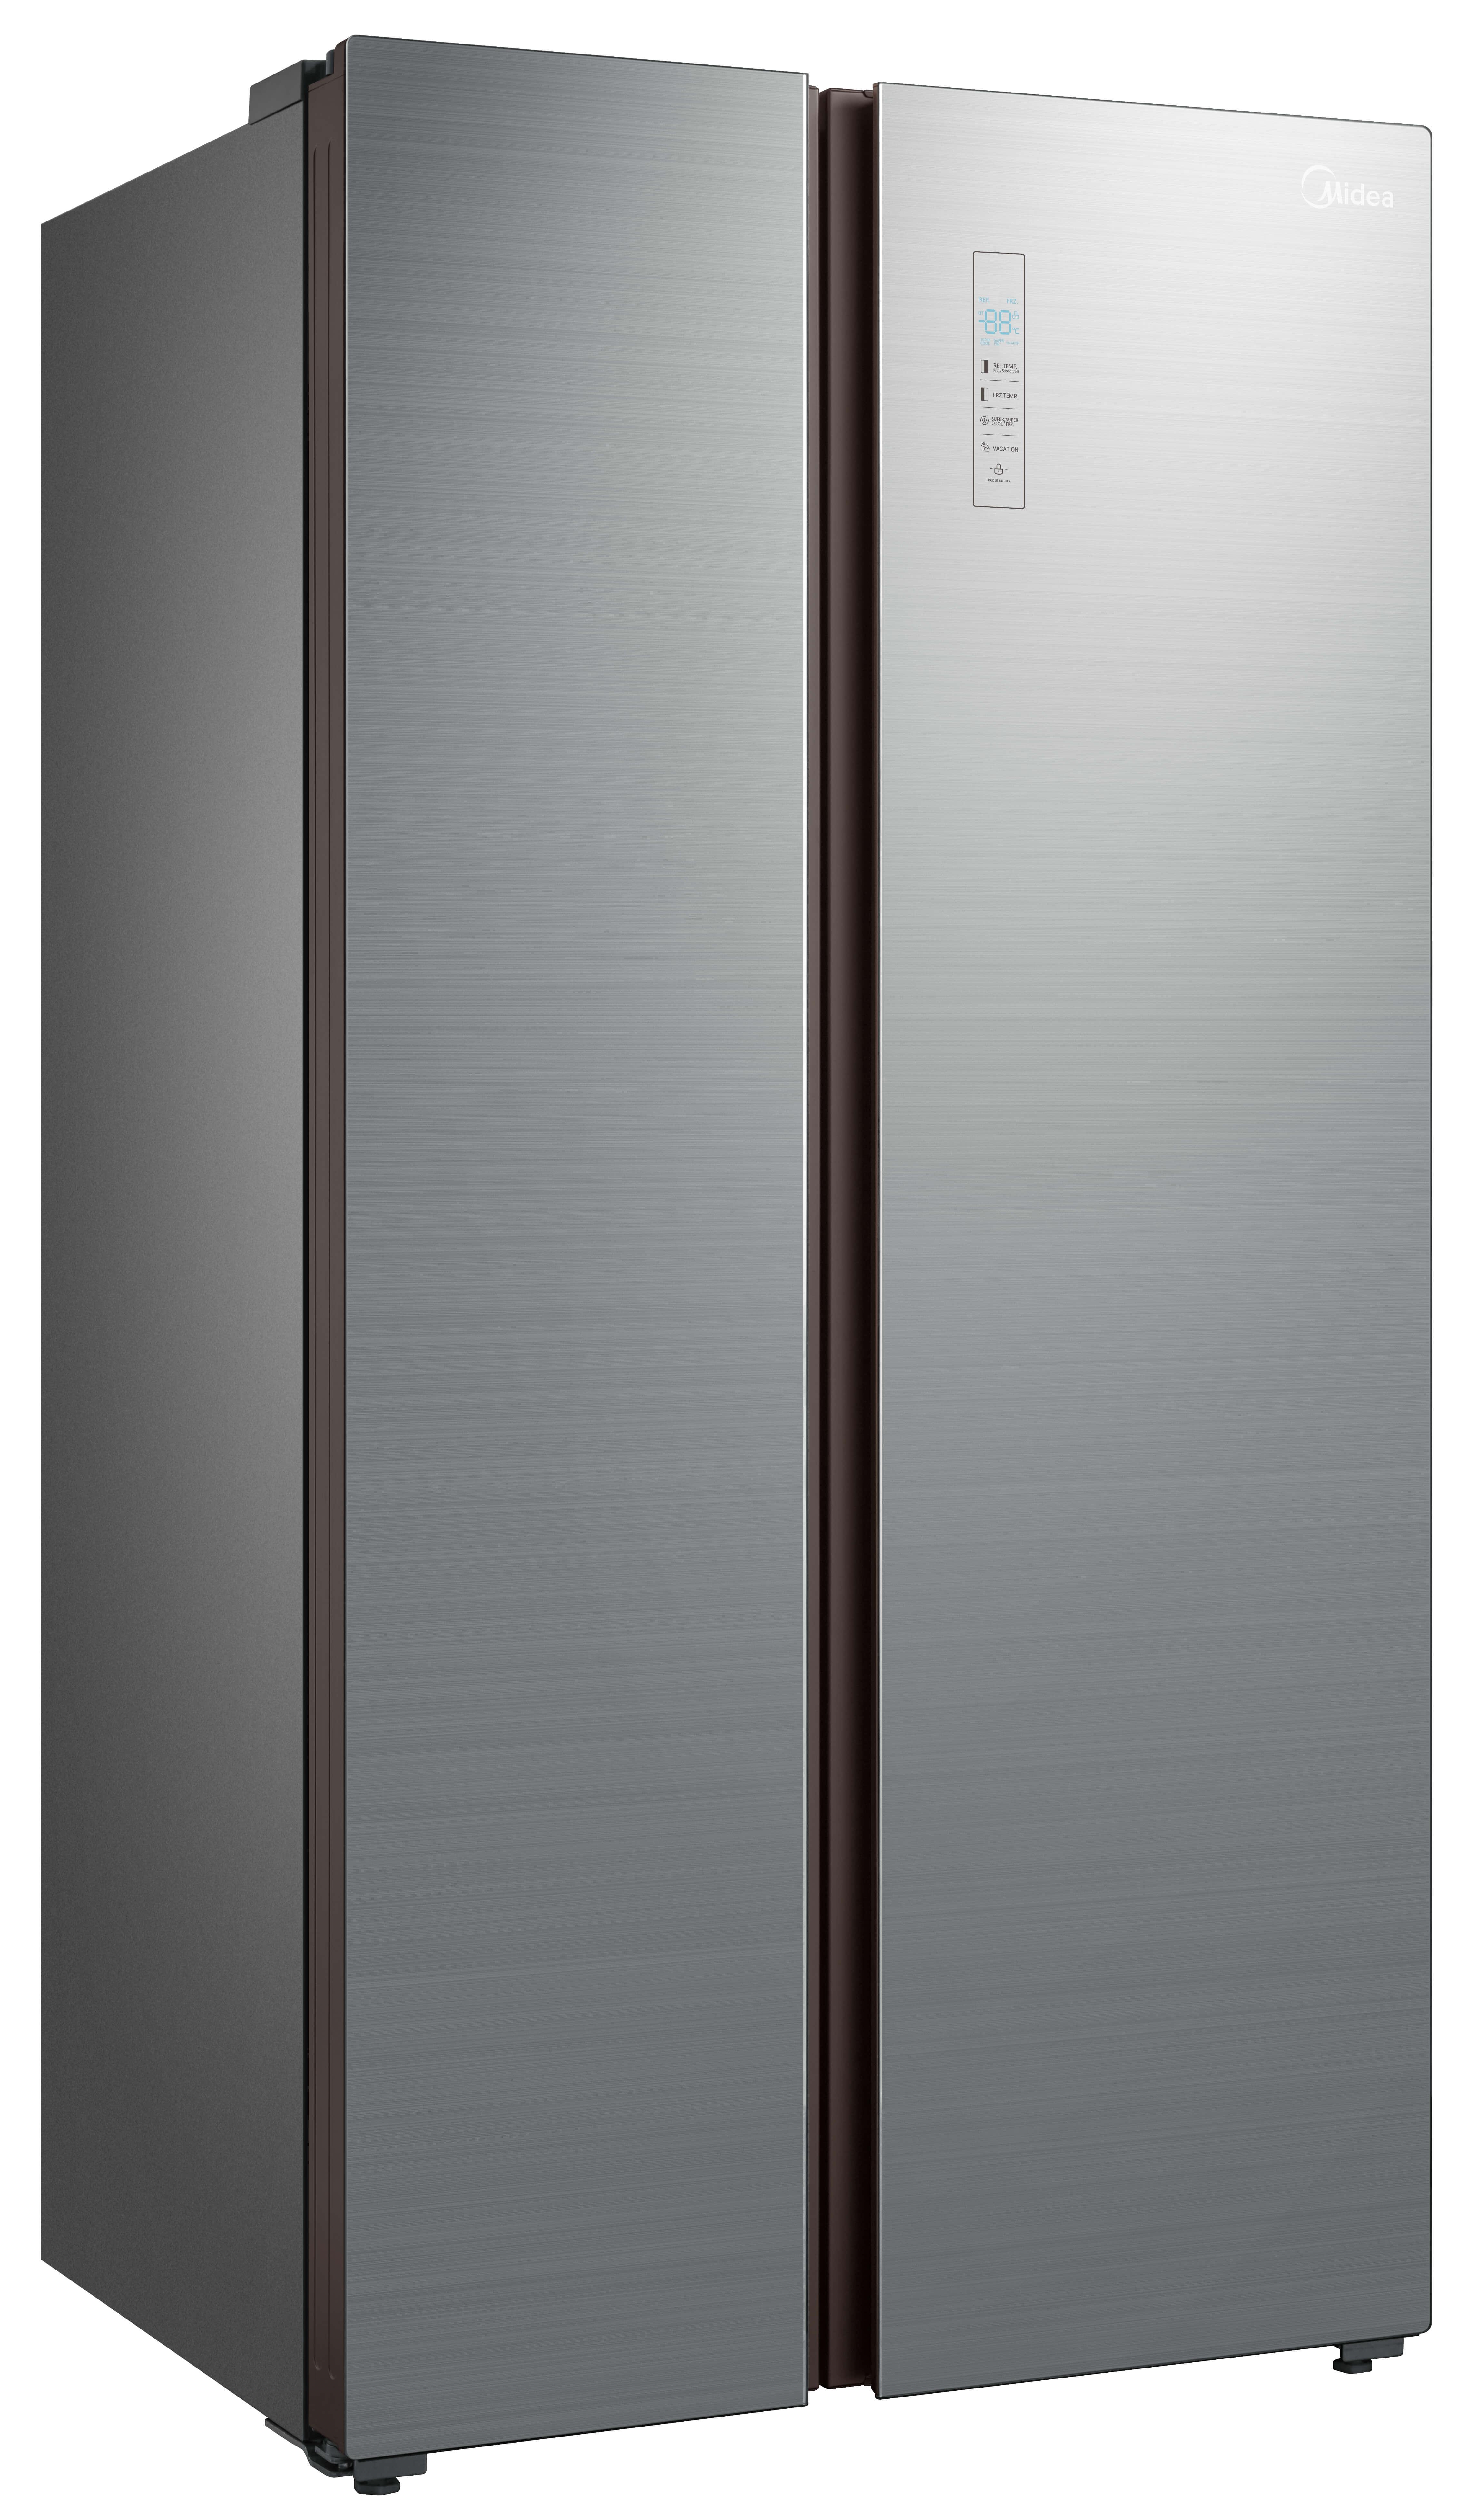 Холодильник Midea MRS518WFNGX фото